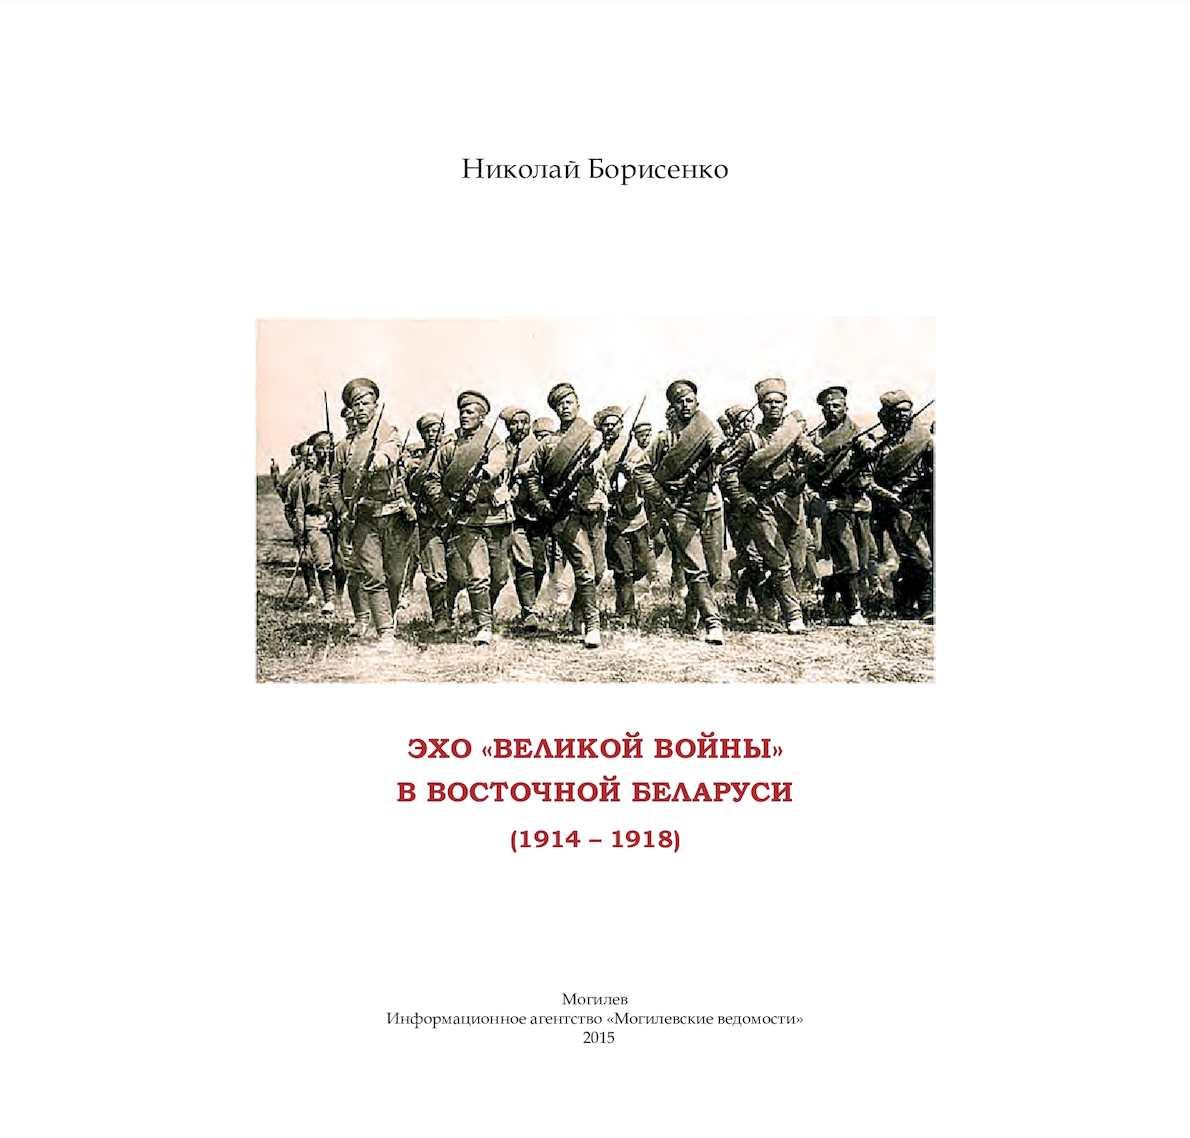 Эхо великой войны в Восточной Беларуси